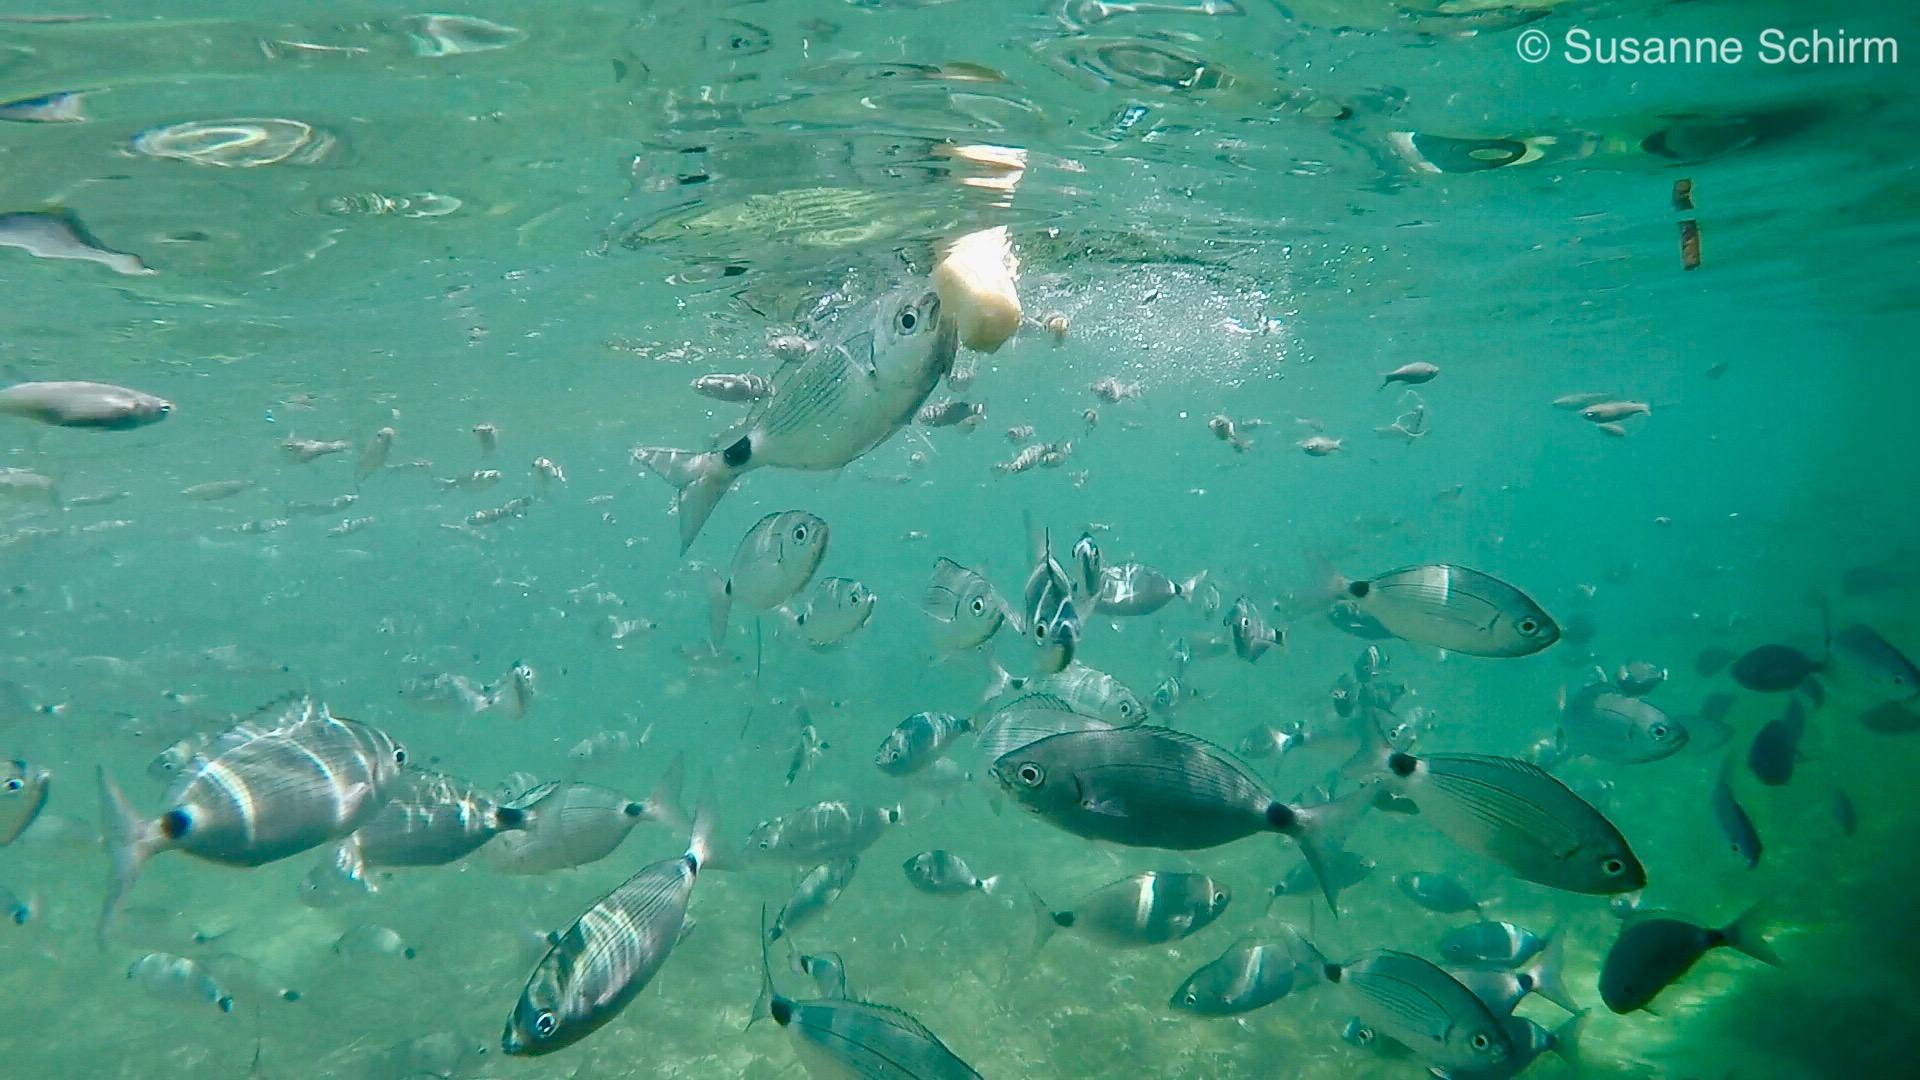 Mit der GoPro Hero 5 Black aufgenommenes Unterwasserfoto